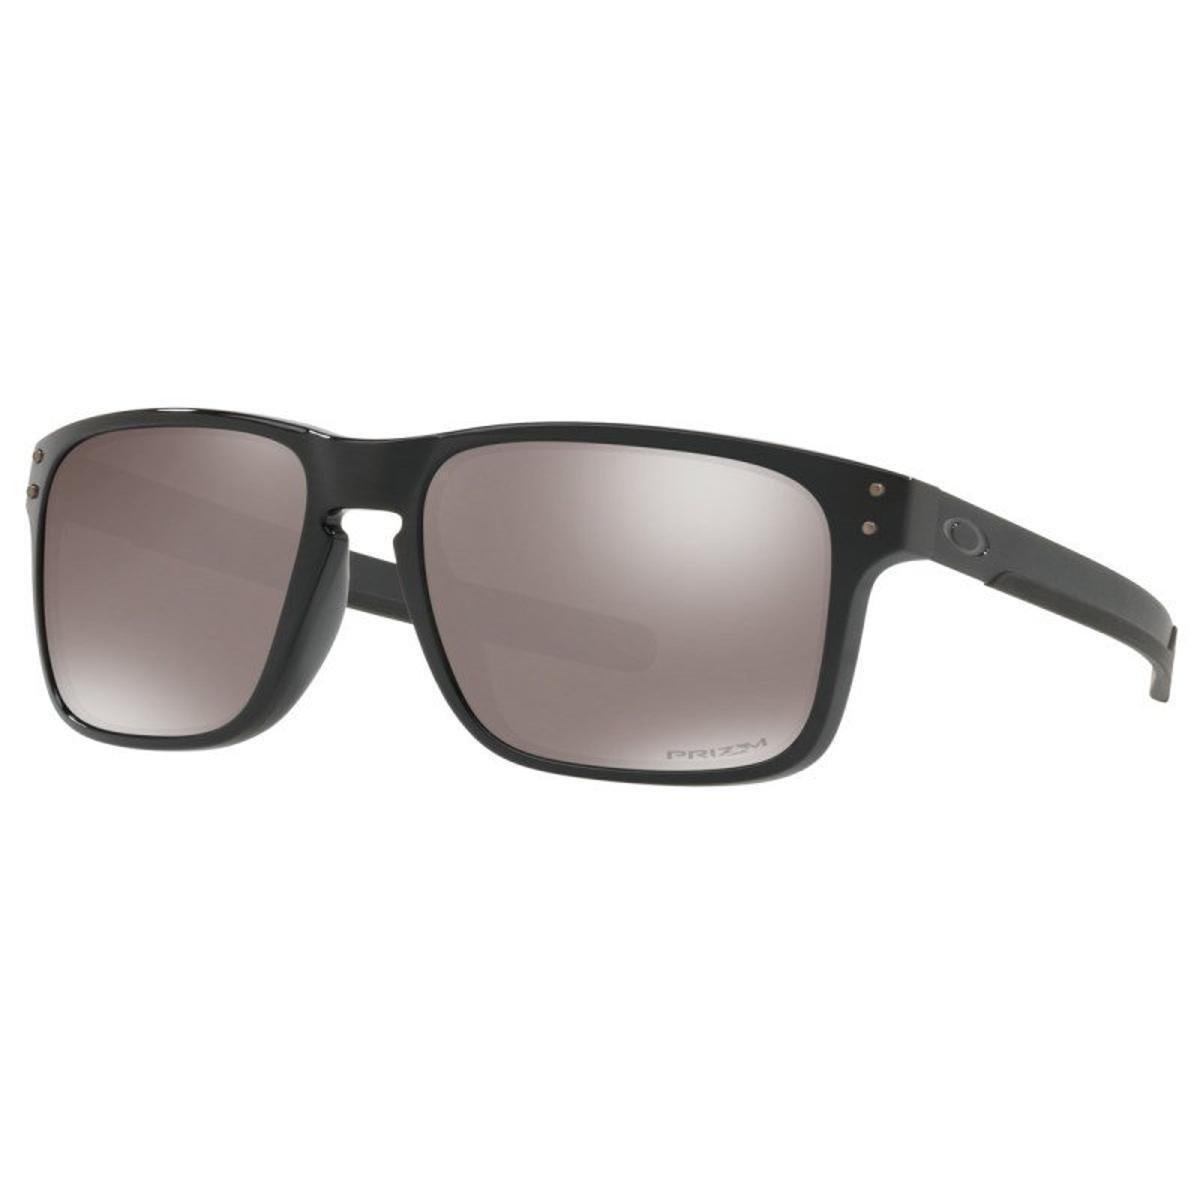 Óculos Oakley Holbrook Mix Polished Black Prizm P - Compre Agora ... 293d1a0742